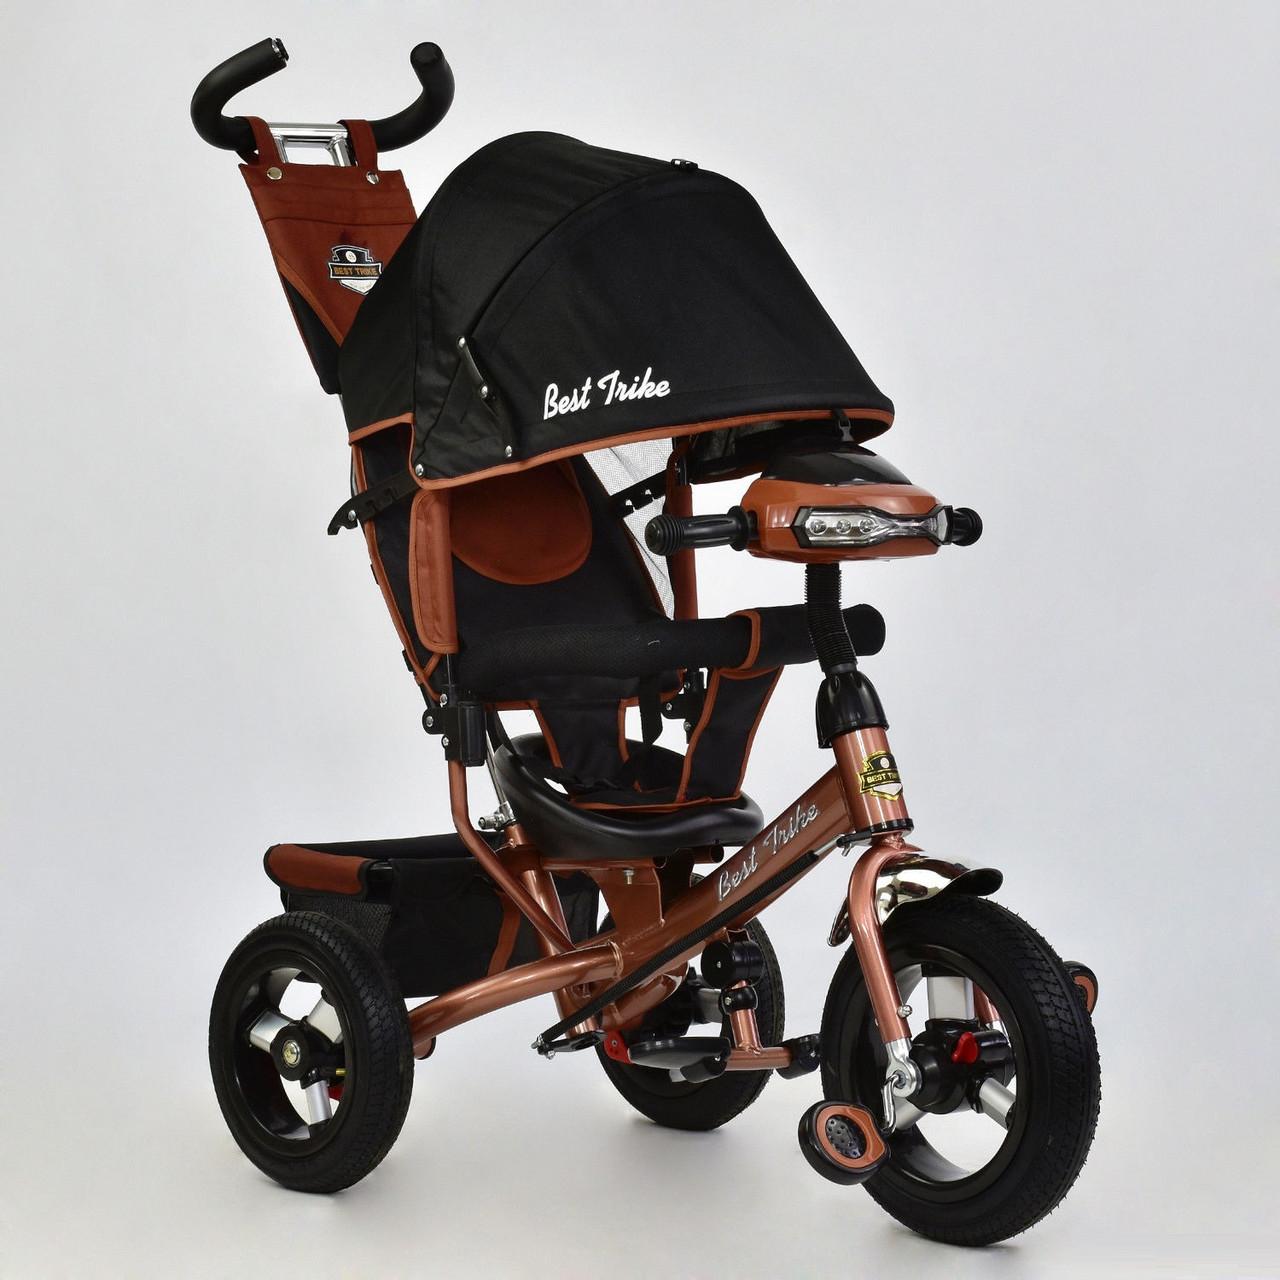 Трехколесный велосипед с фарой и ключом зажигания Best Trike 6588B-3360 бронзовый (надувные колеса)